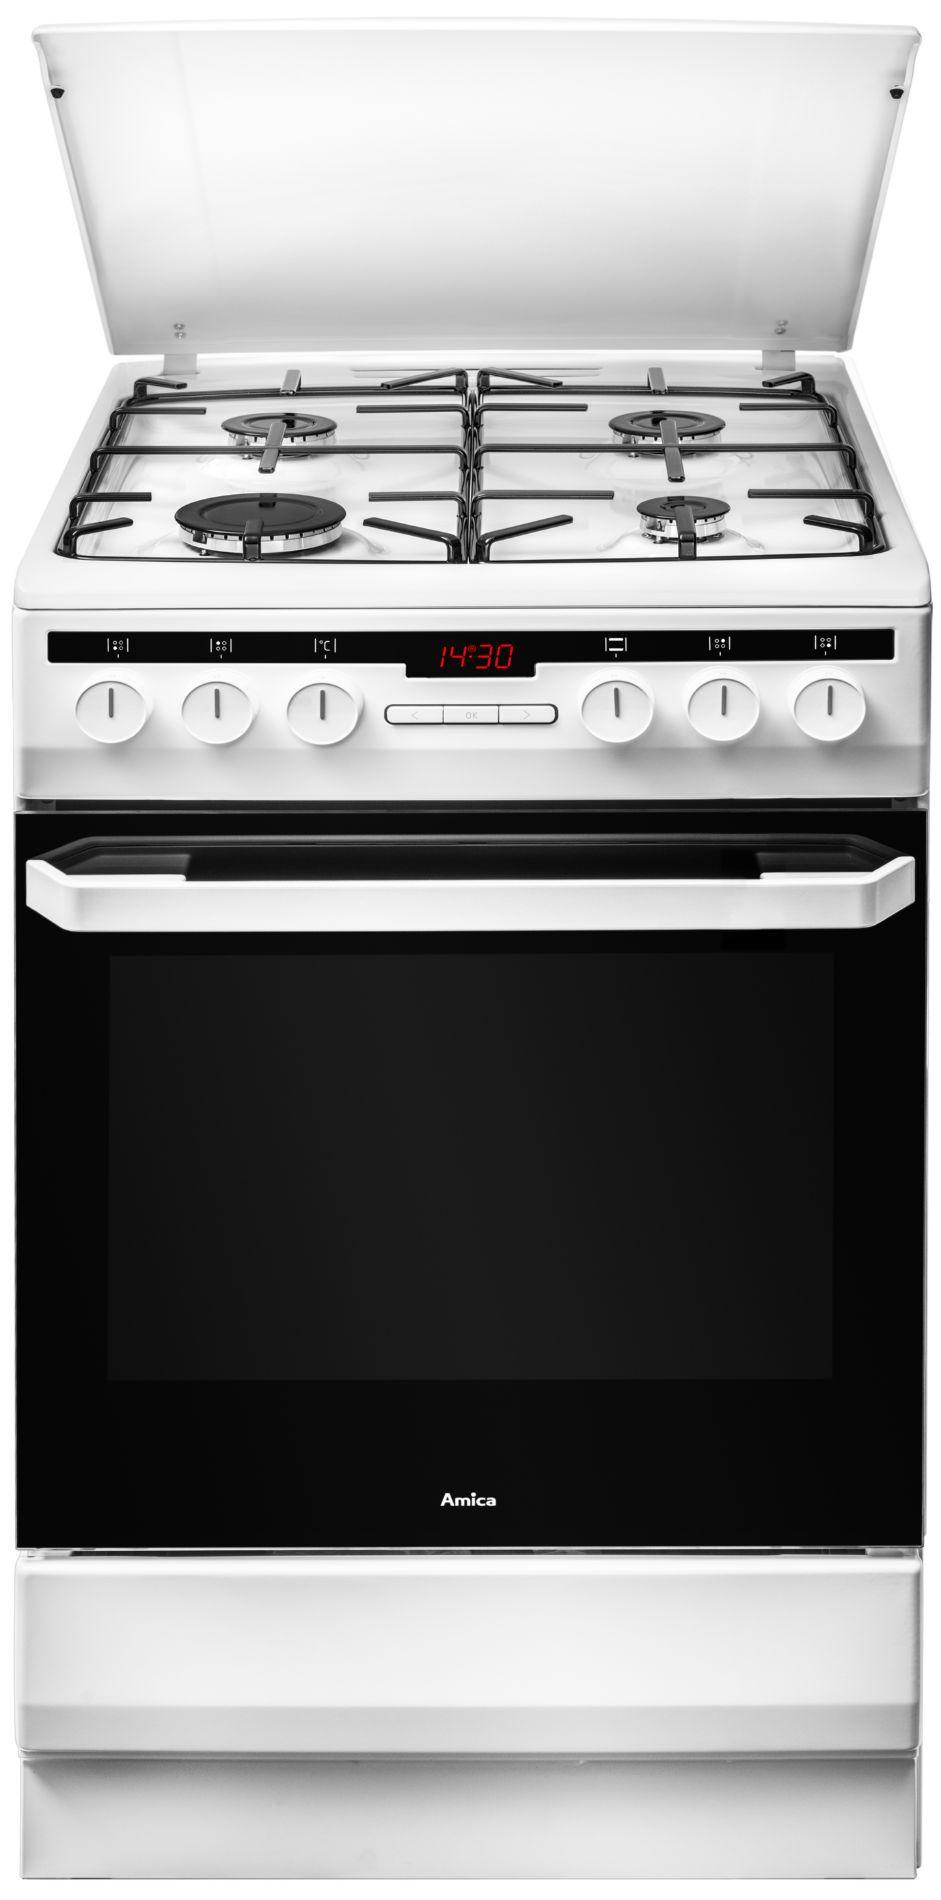 Kuchnia wolnostojąca gazowo elektryczna 58GED2 33HZpTaQ(W)  Amica -> Kuchnia Elektryczna Wolnostojąca Ceramiczna